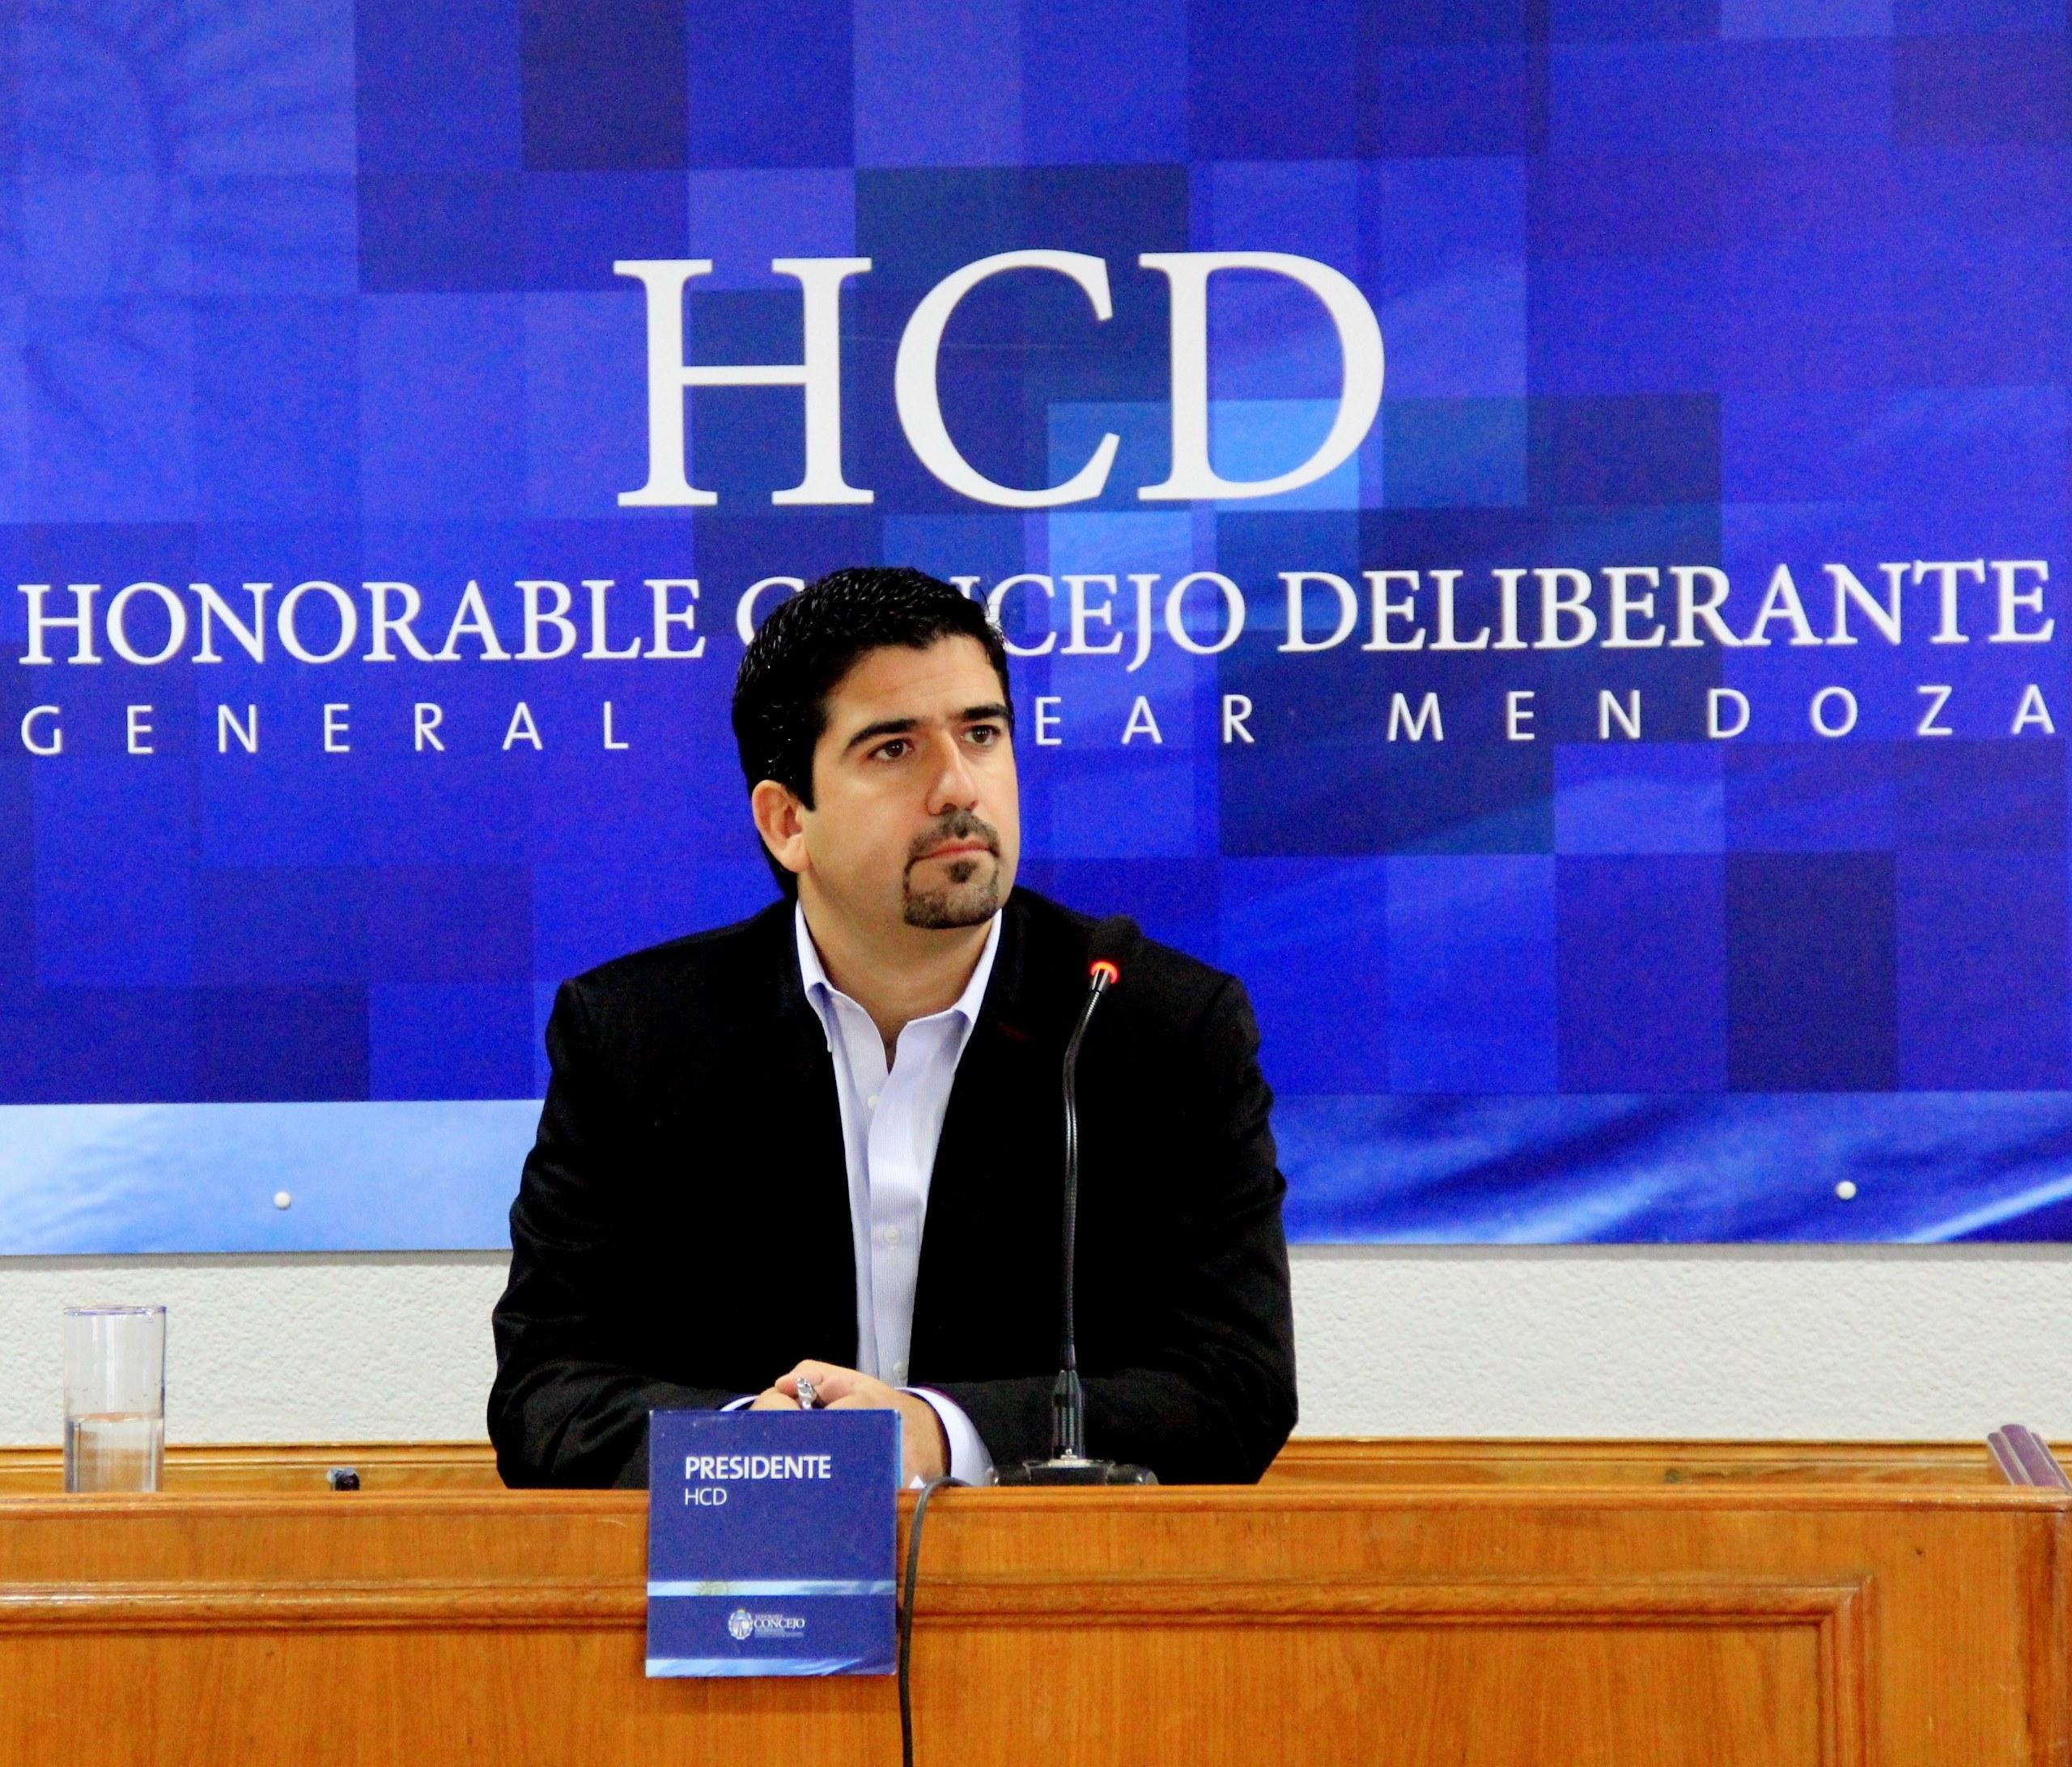 Este miércoles parte del H.C.D viajará a Mendoza